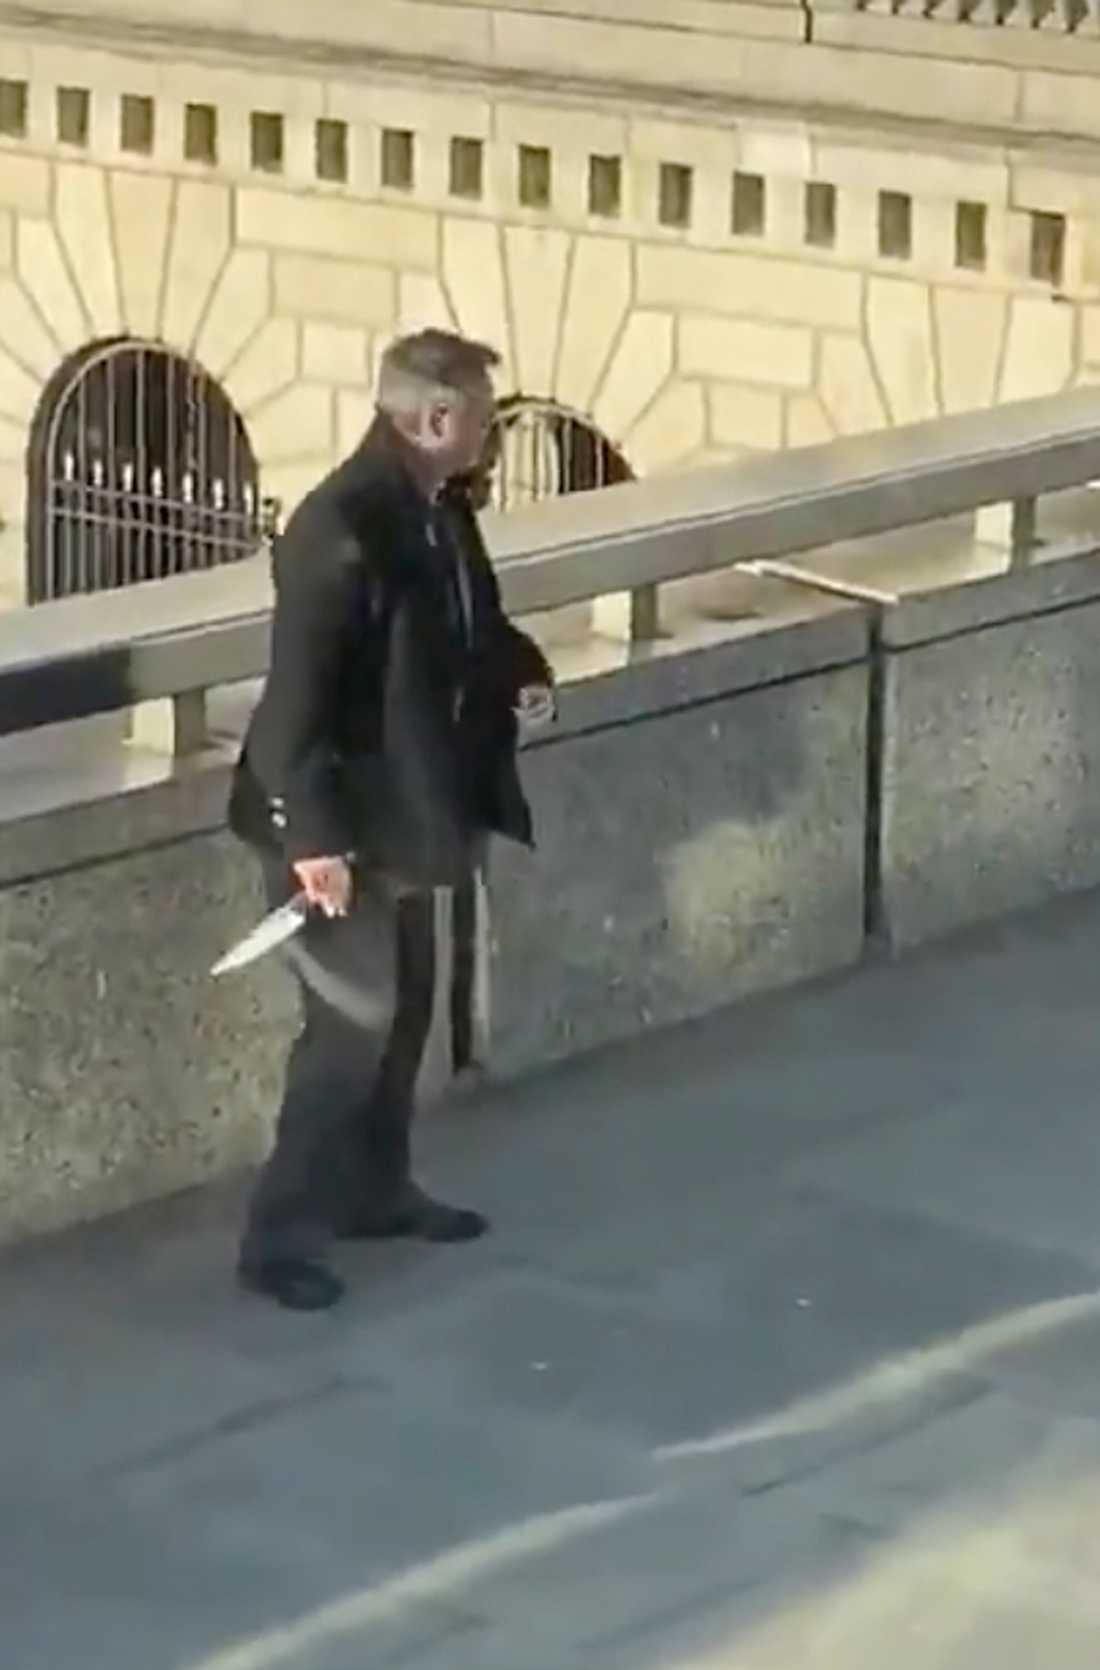 En stillbild från en video visar en åskådare som håller en kniv.